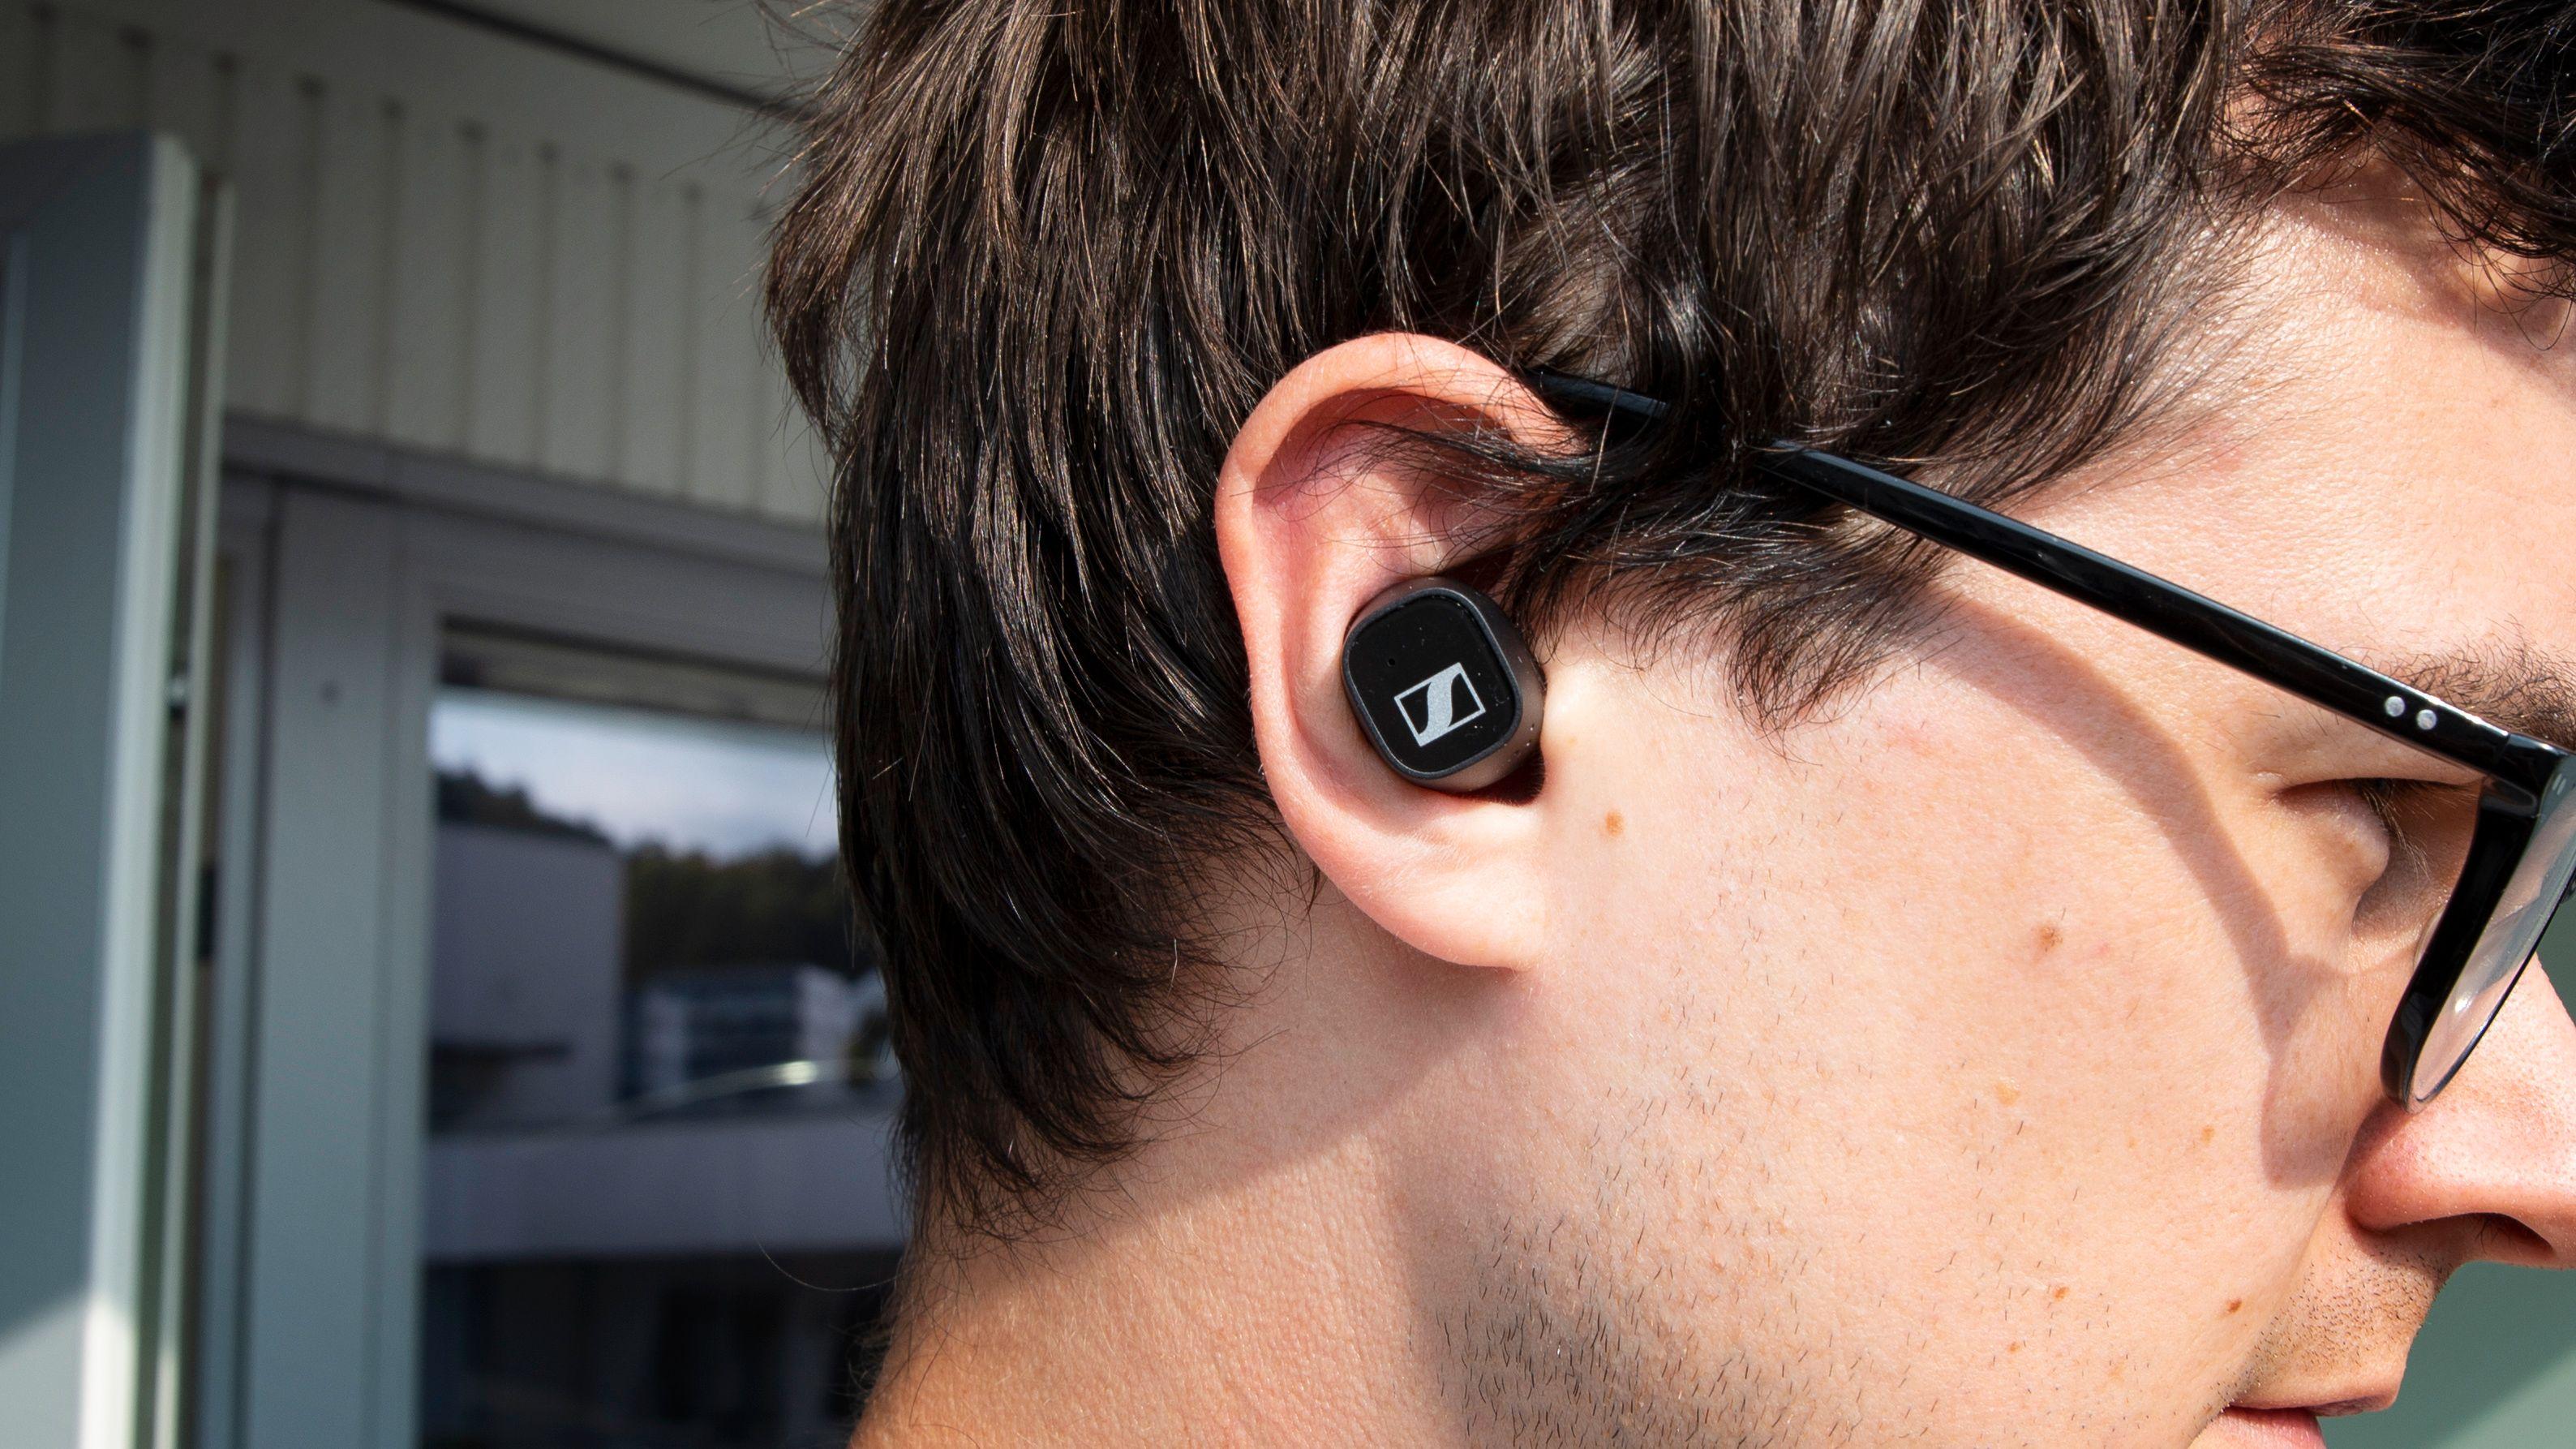 CX 400 er ikke de mest kompakte av ørepropper, men de sitter likevel godt på plass.